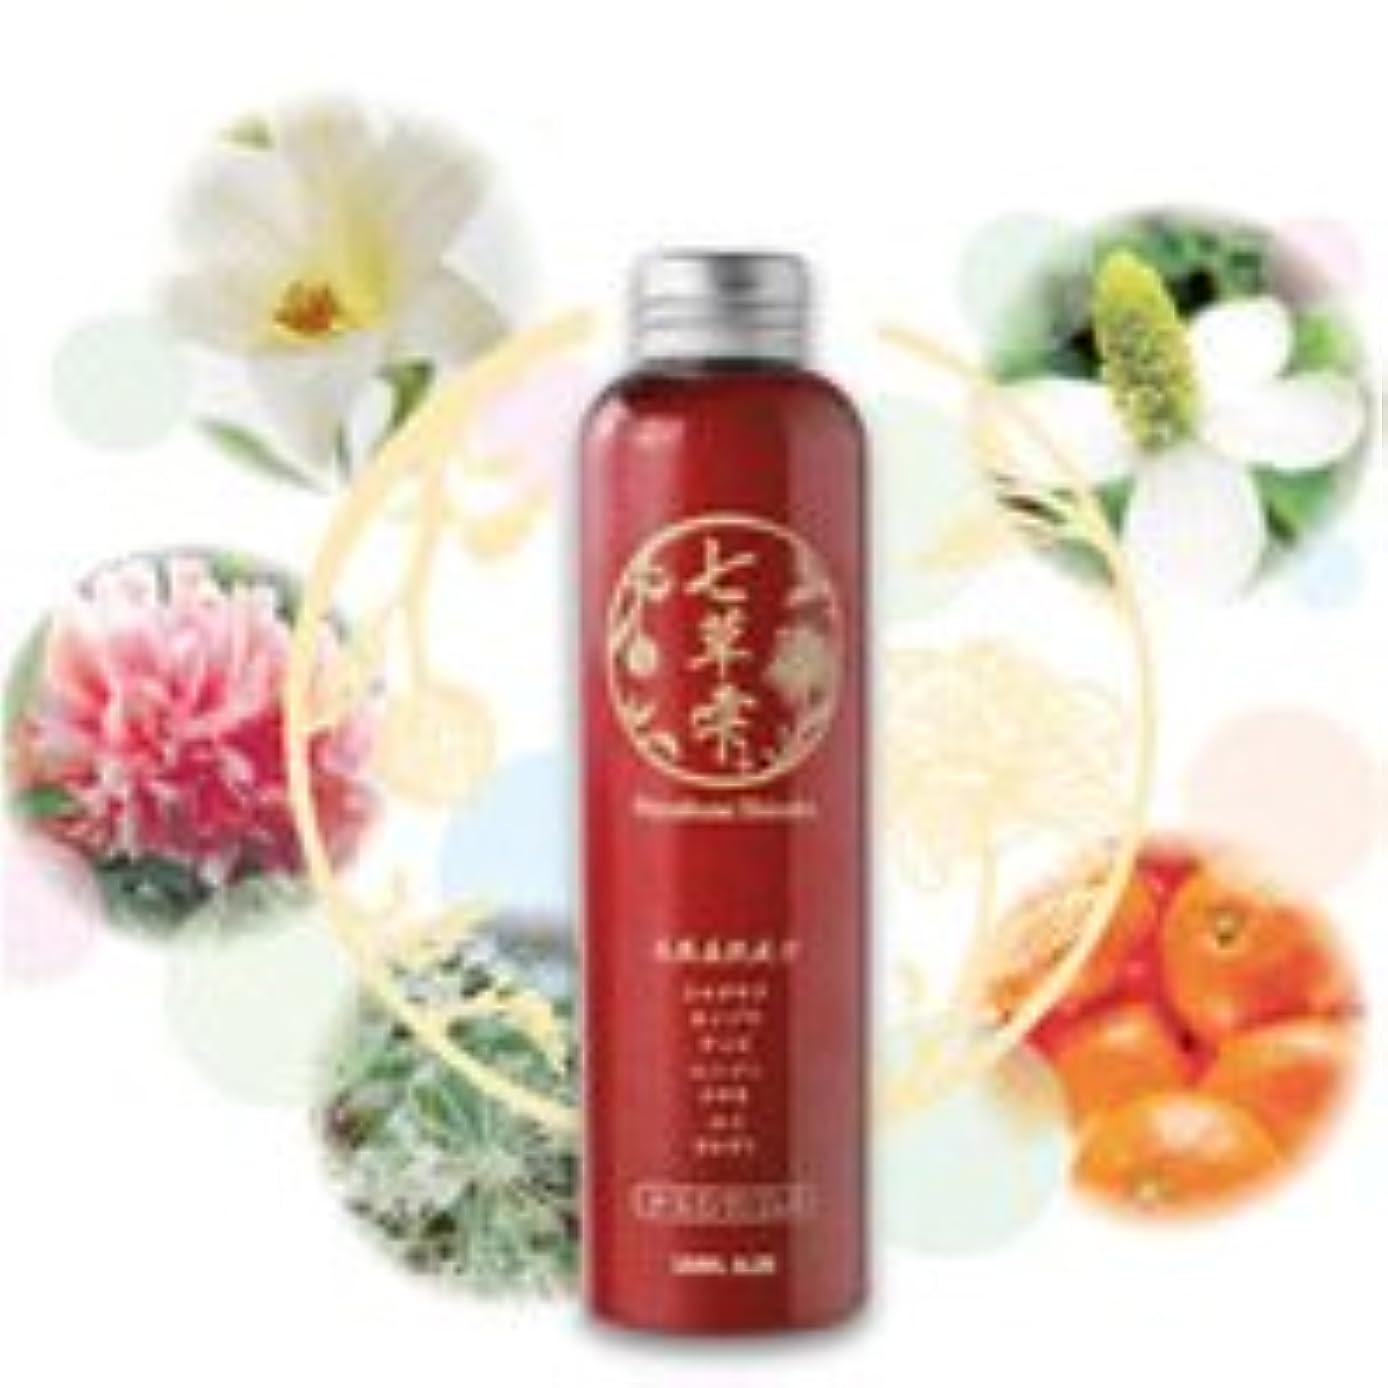 呼びかける振り返るストレス七草雫 化粧水 さっぱりタイプ 200ml / フタバ化学 リーブルアロエ